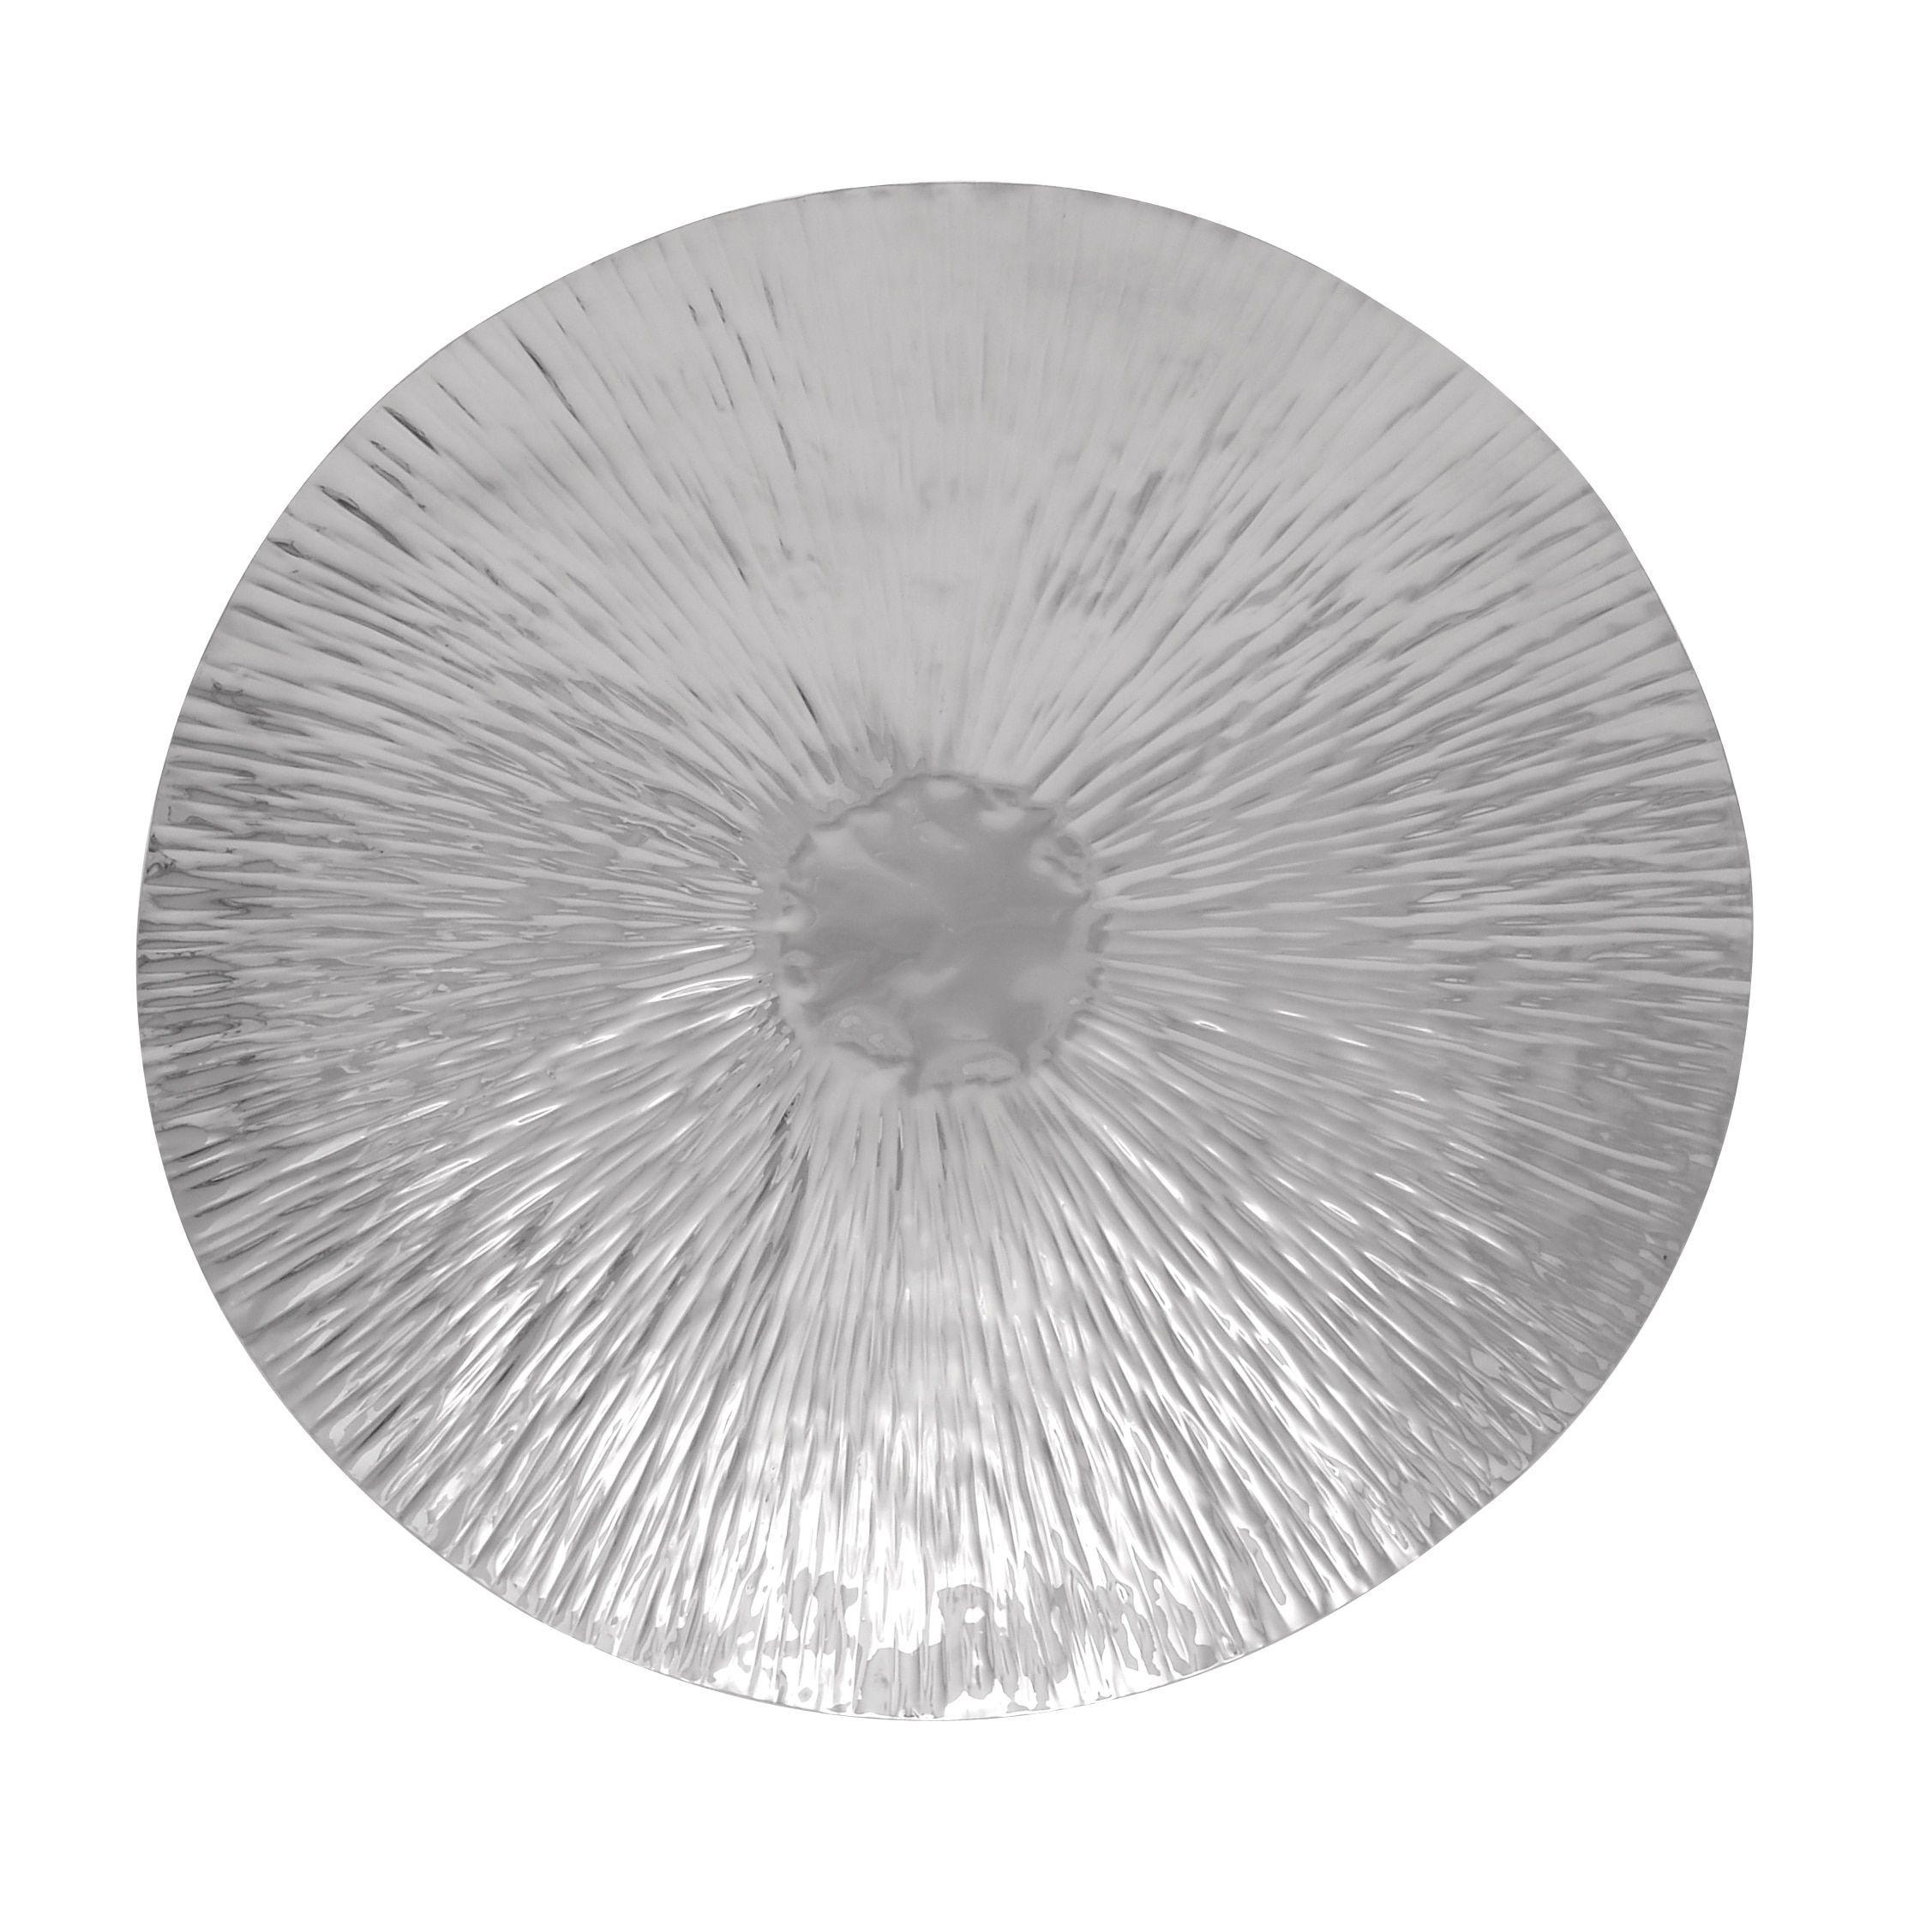 Studio 350 24 Inch Contemporary Circular Variegated